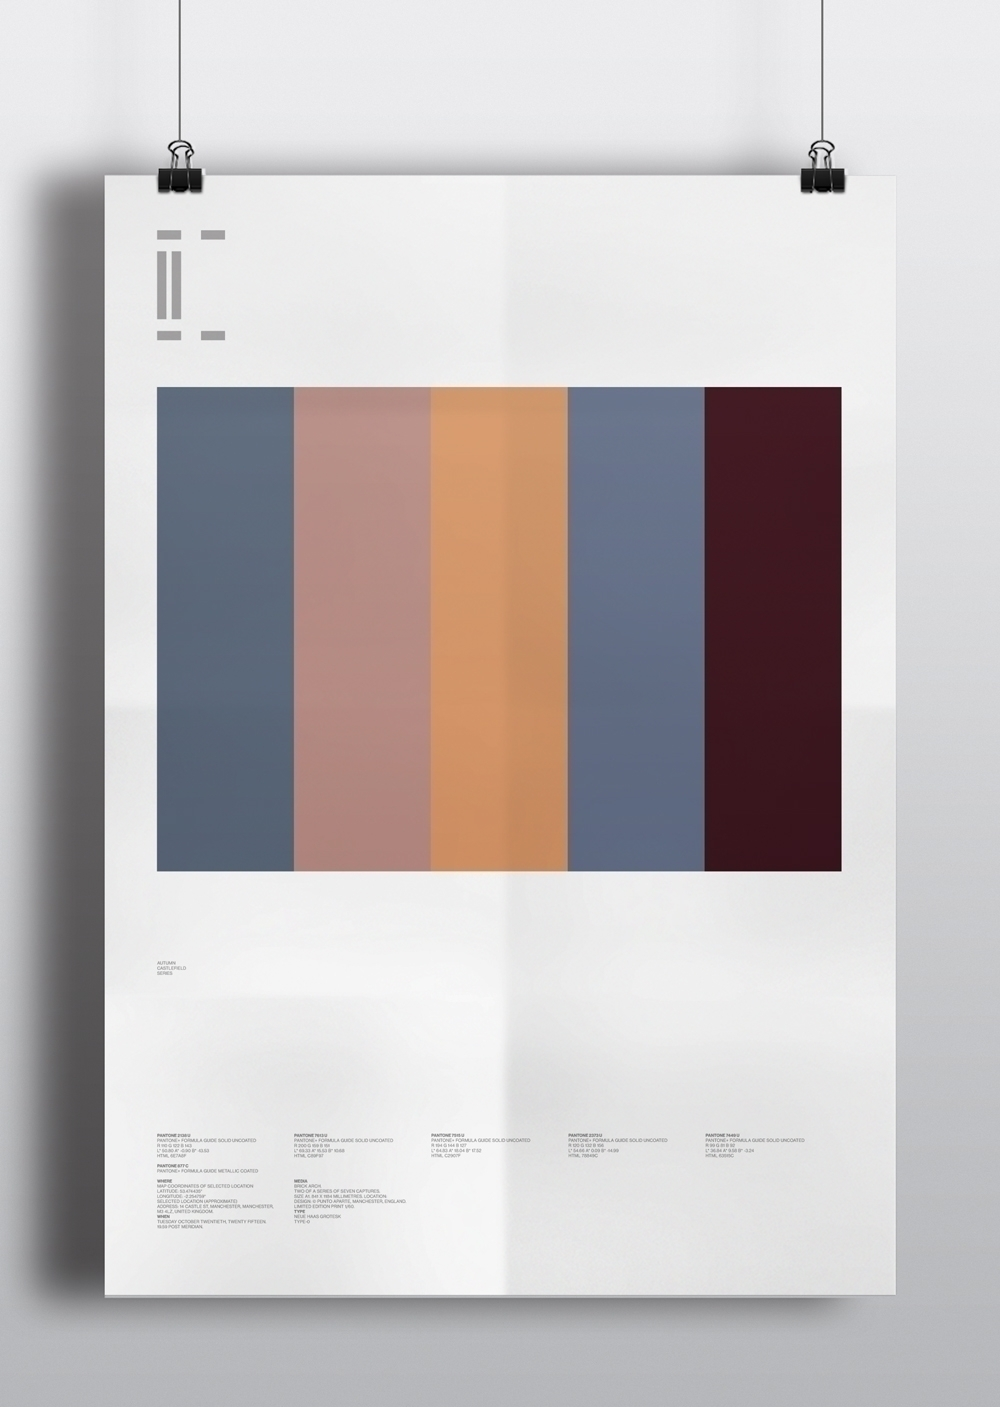 Castlefield Colour Studies Wint - puntoaparte | ello